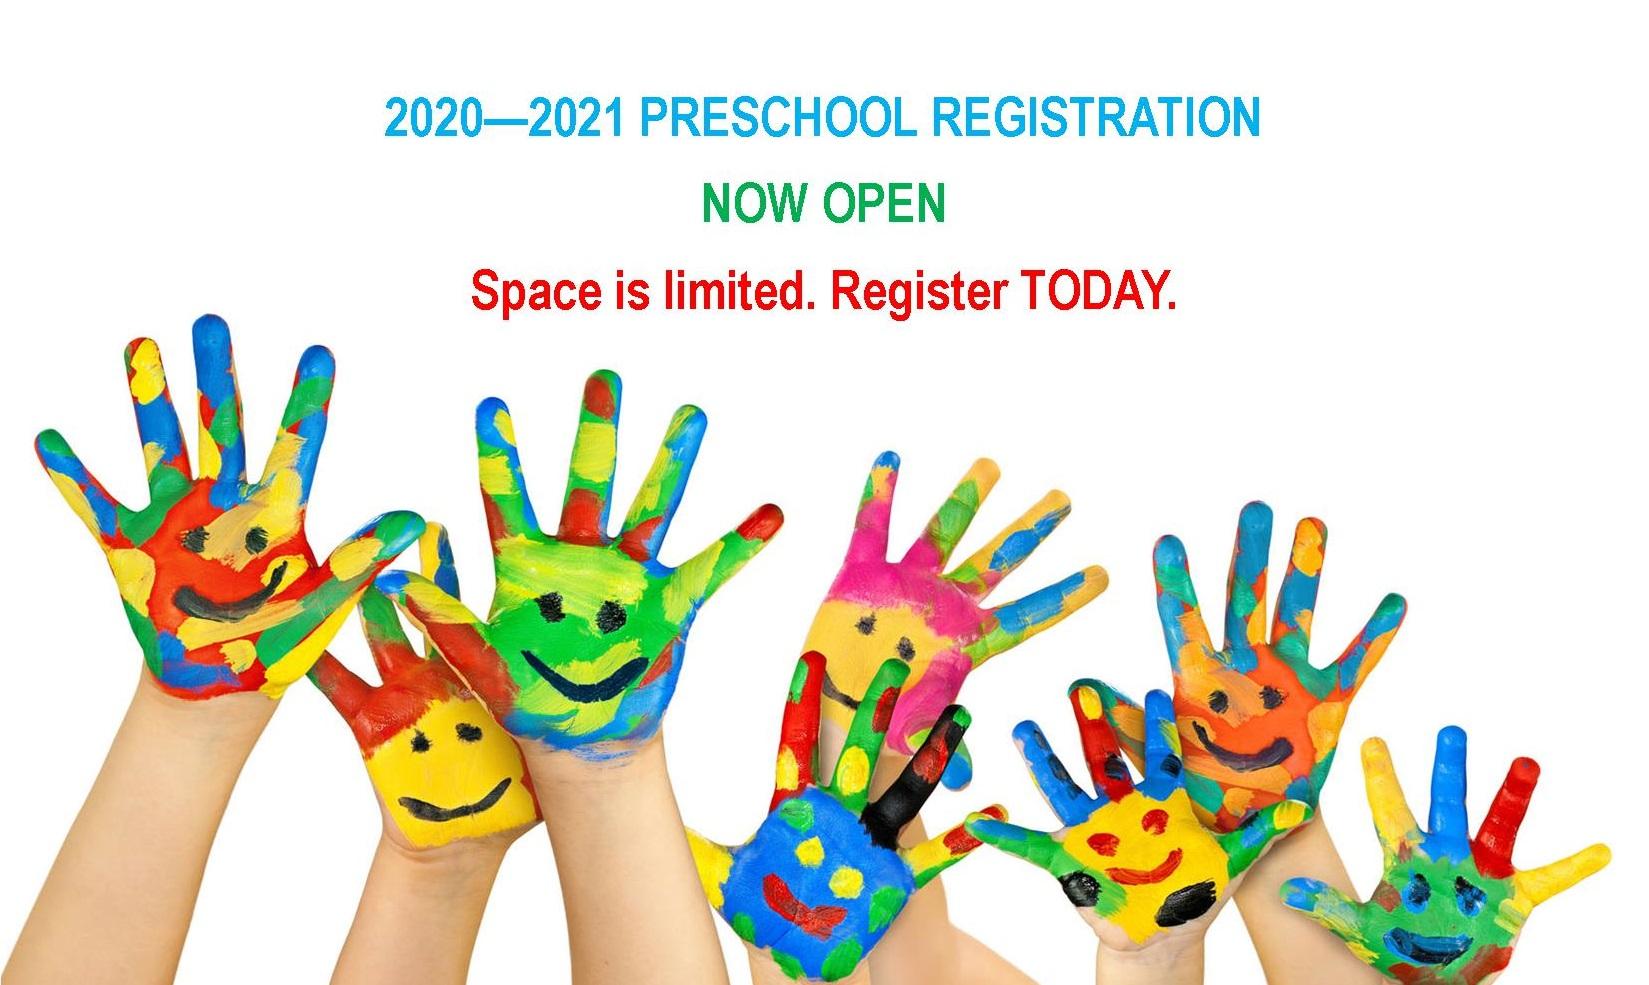 Register for Preschool 2020 – 2021